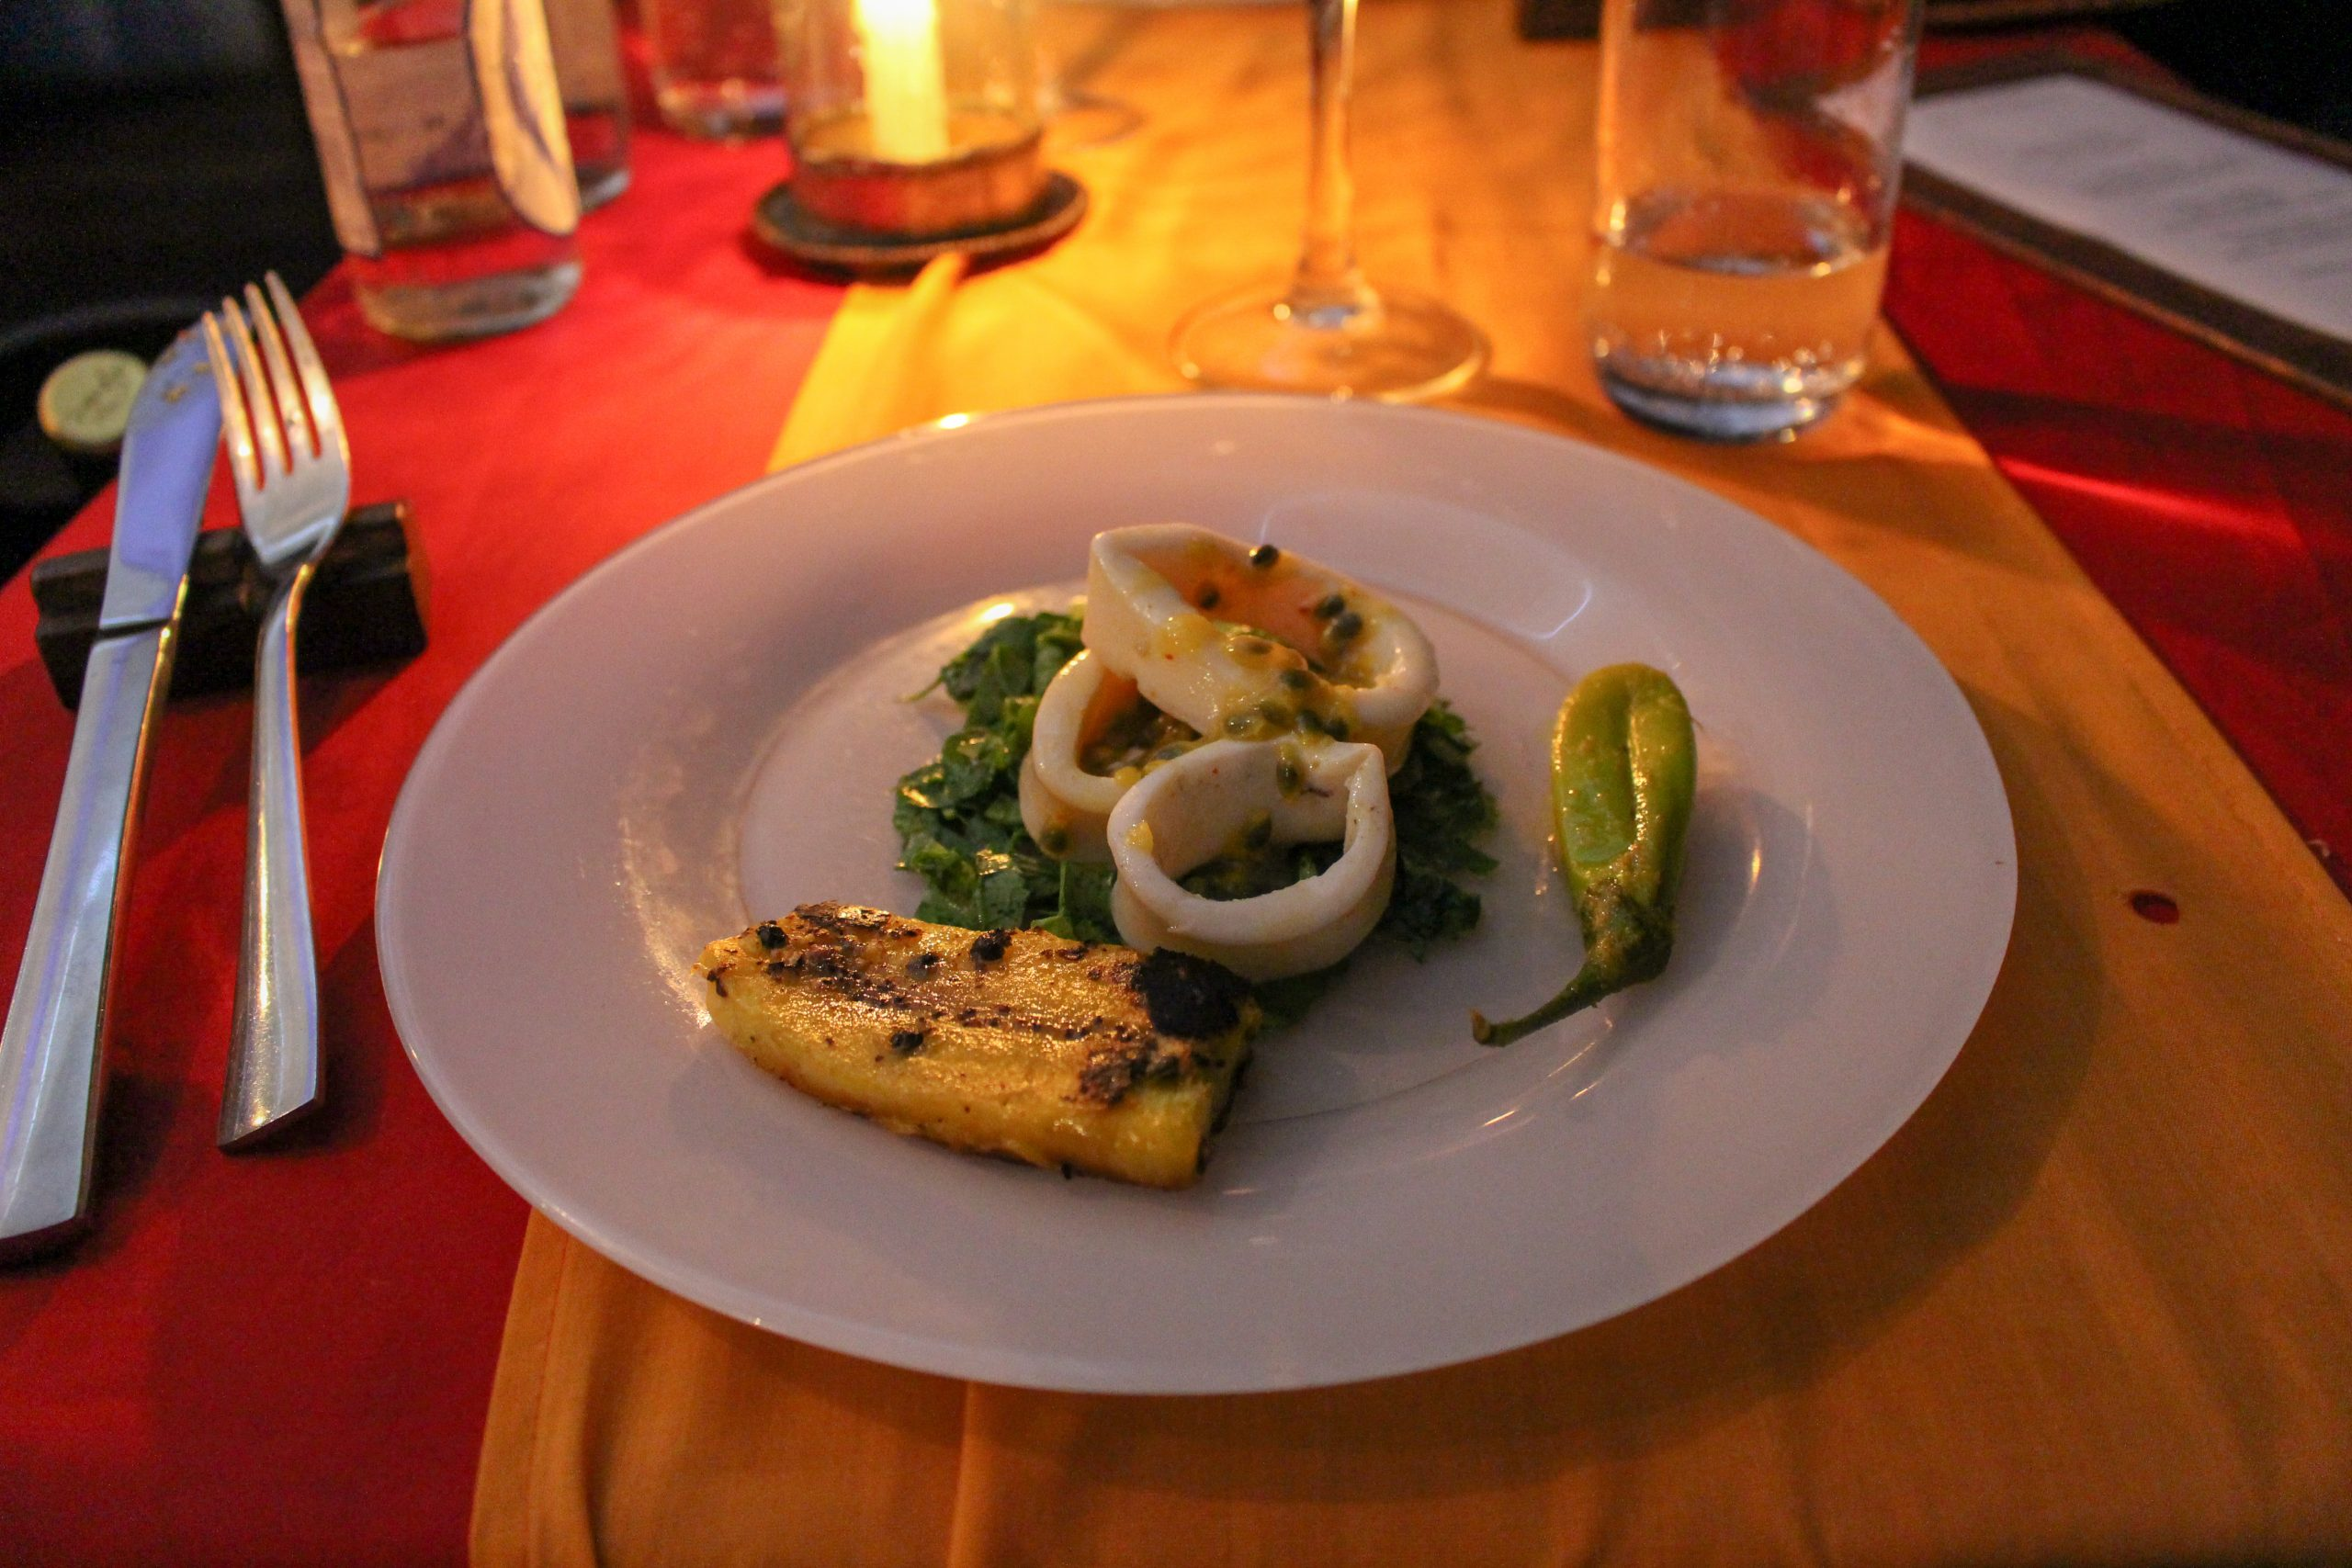 emerson_spice_restaurante_prato